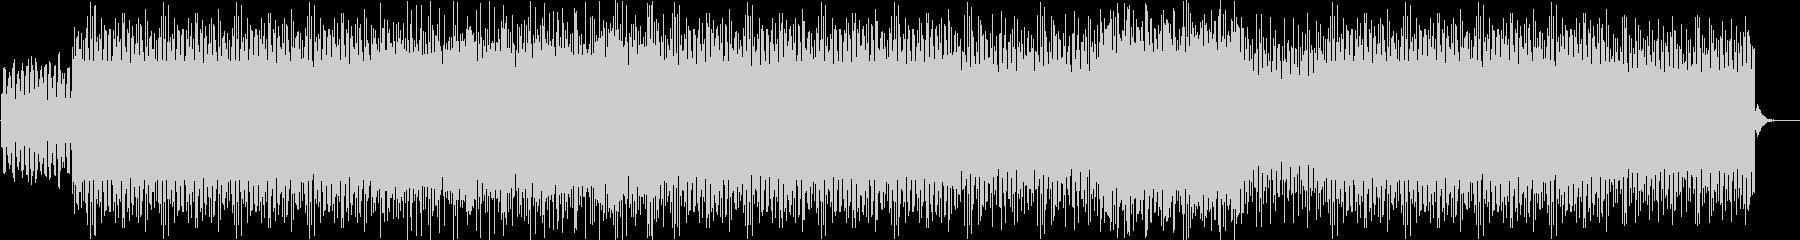 無機質なミニマルテクノの未再生の波形